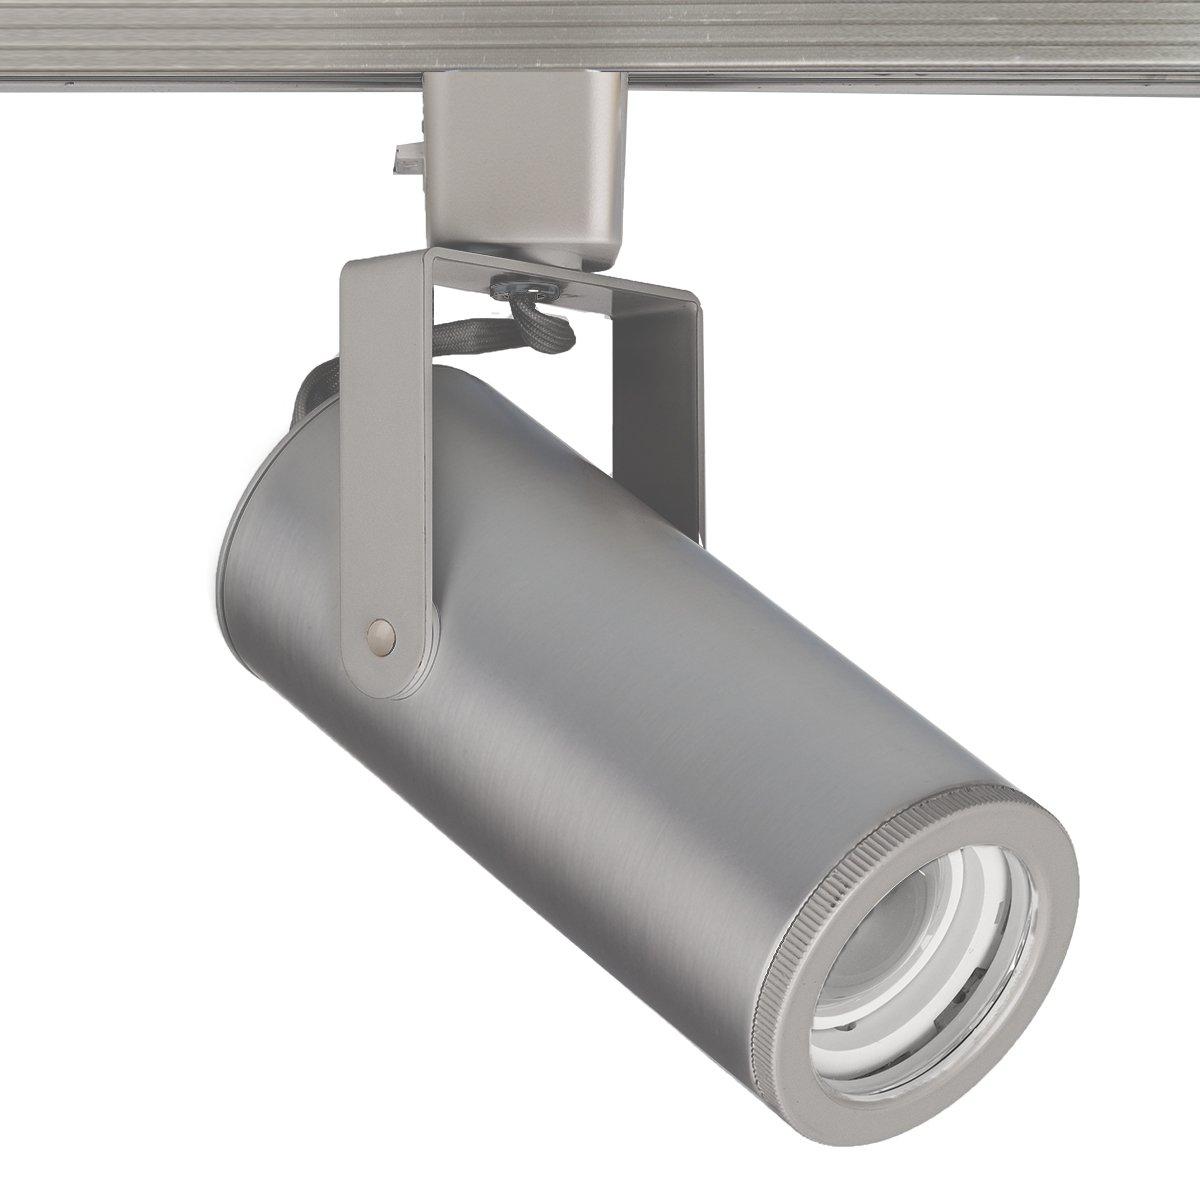 WAC Lighting L-2020-930-BN L Series LED2020 Silo X20 Beamshift Track Head in Brushed Nickel Finish, 90+CRI and 3000K, 20 Watts